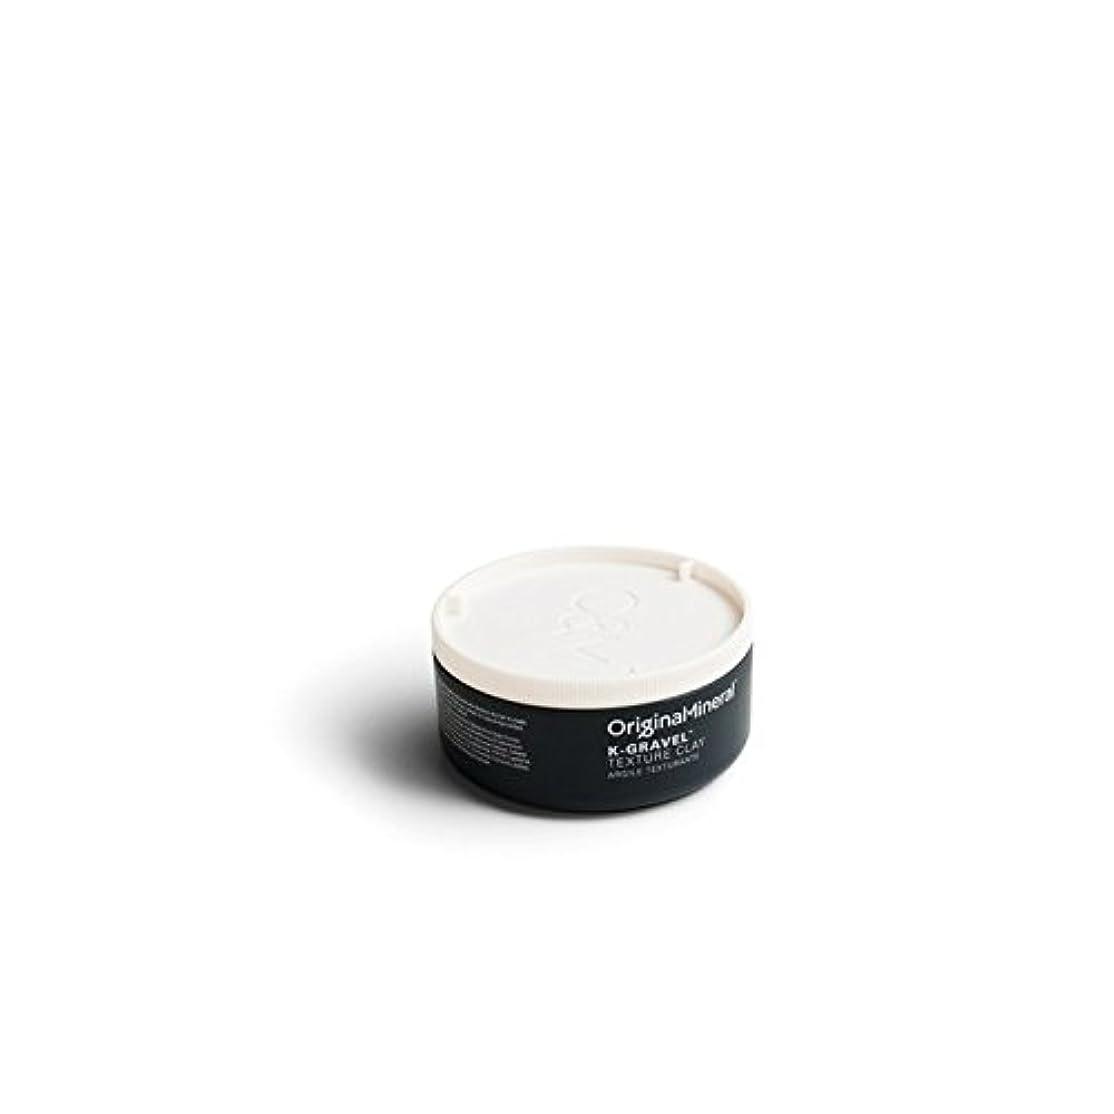 陪審フェザー嫌な[Original & Mineral] オリジナル&ミネラルK-砂利テクスチャ粘土(100グラム) - Original & Mineral K-Gravel Texture Clay (100g) [並行輸入品]